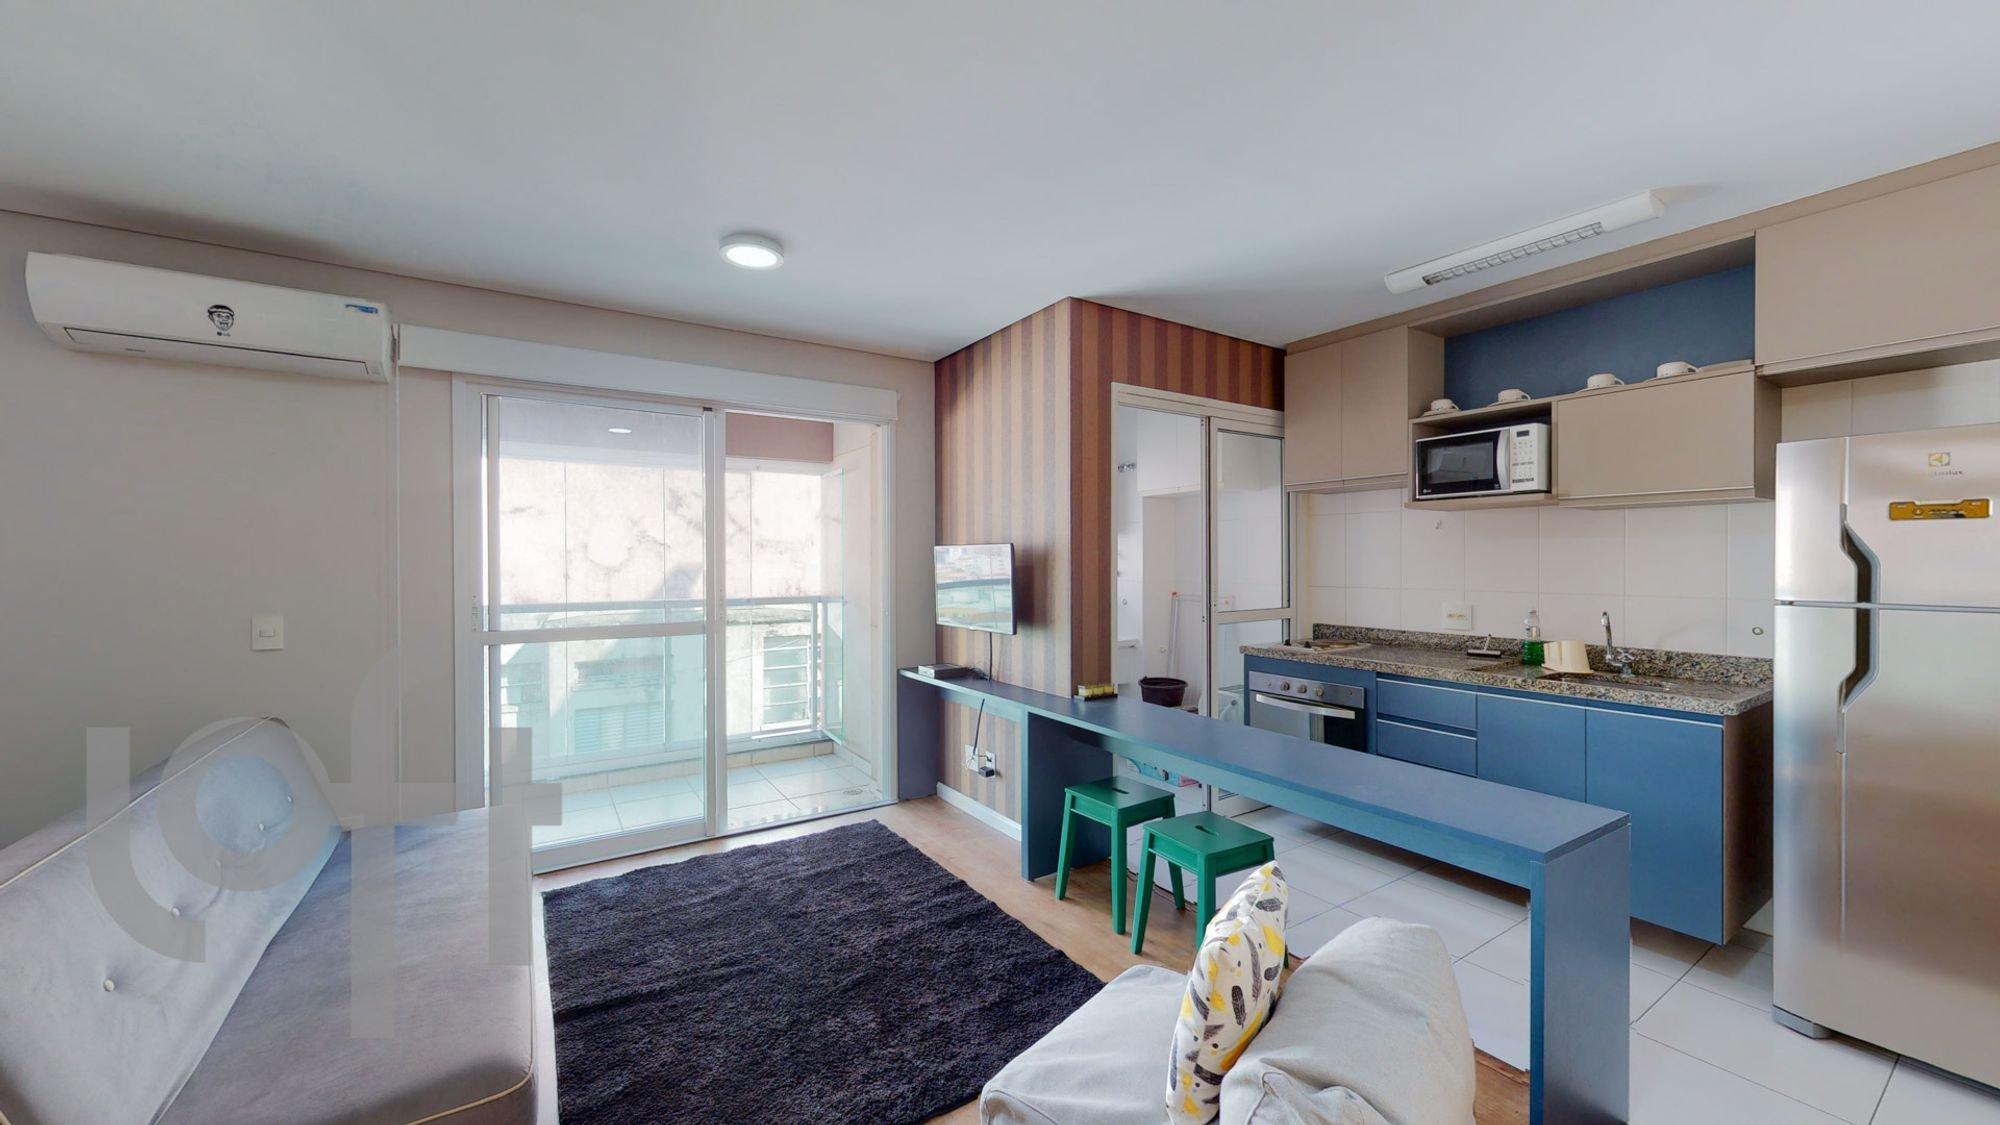 Foto de Cozinha com televisão, garrafa, geladeira, cadeira